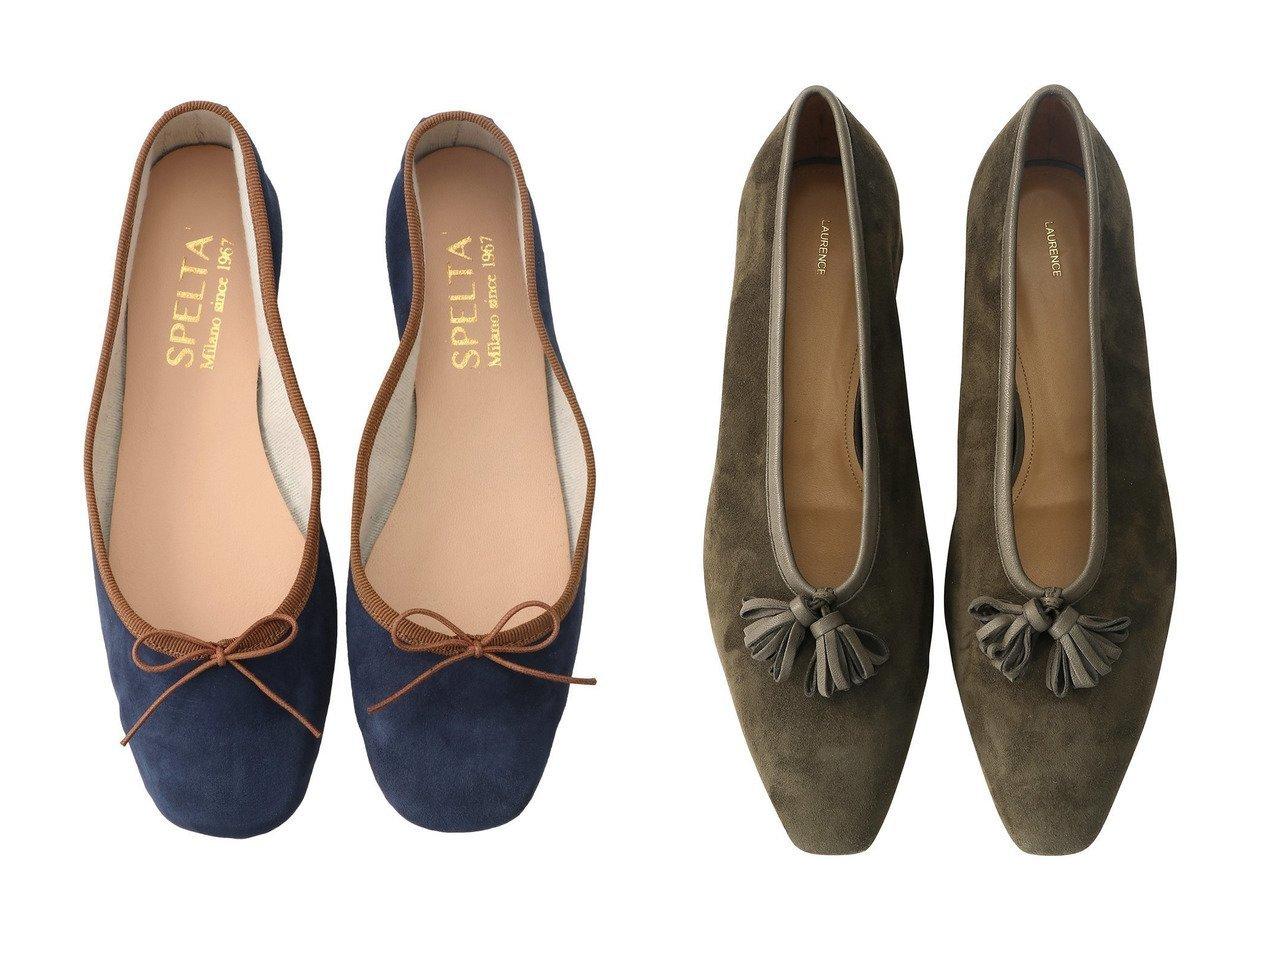 【SPELTA/スペルタ】のSOFIA スエードバイカラーバレエシューズ&【LAURENCE/ロランス】のタッセル付きスエードフラットシューズ シューズ・靴のおすすめ!人気、レディースファッションの通販  おすすめで人気のファッション通販商品 インテリア・家具・キッズファッション・メンズファッション・レディースファッション・服の通販 founy(ファニー) https://founy.com/ ファッション Fashion レディース WOMEN シューズ スエード バレエ フラット タッセル トレンド モチーフ ループ |ID:crp329100000000090